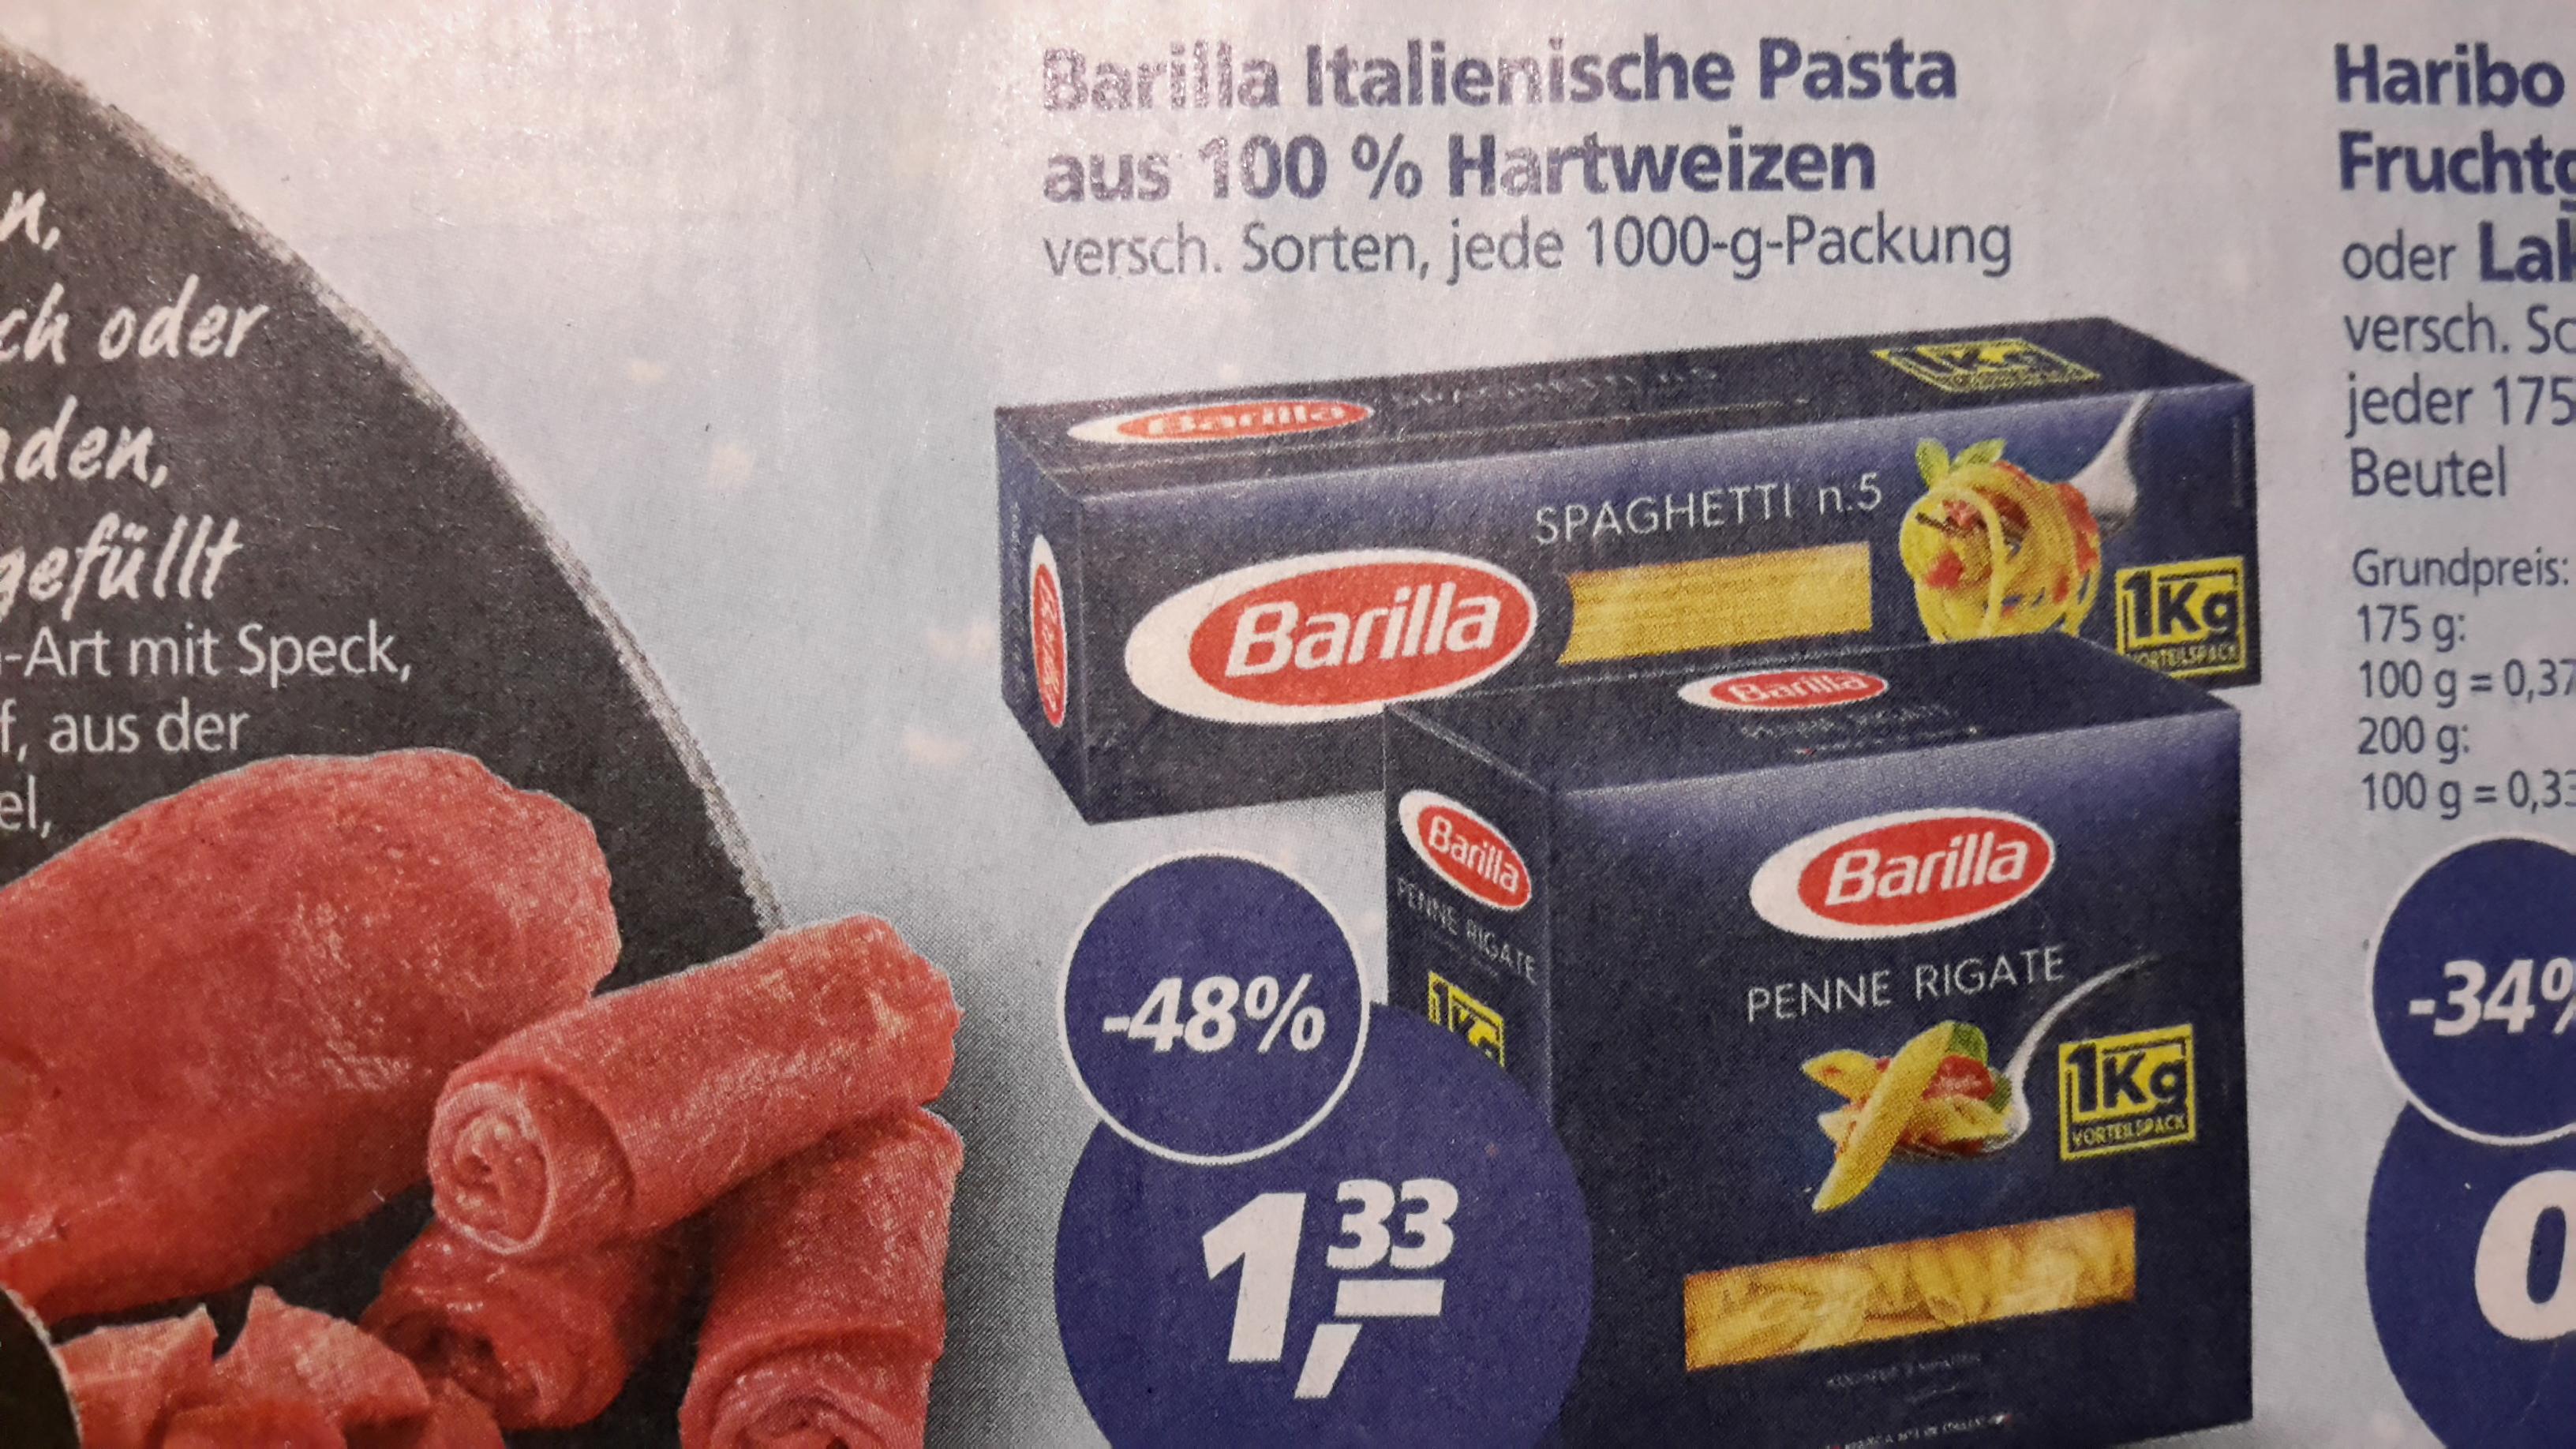 [REAL] Barilla Pasta verschiedene Sorten 1 kg Packungen ab 23.01.